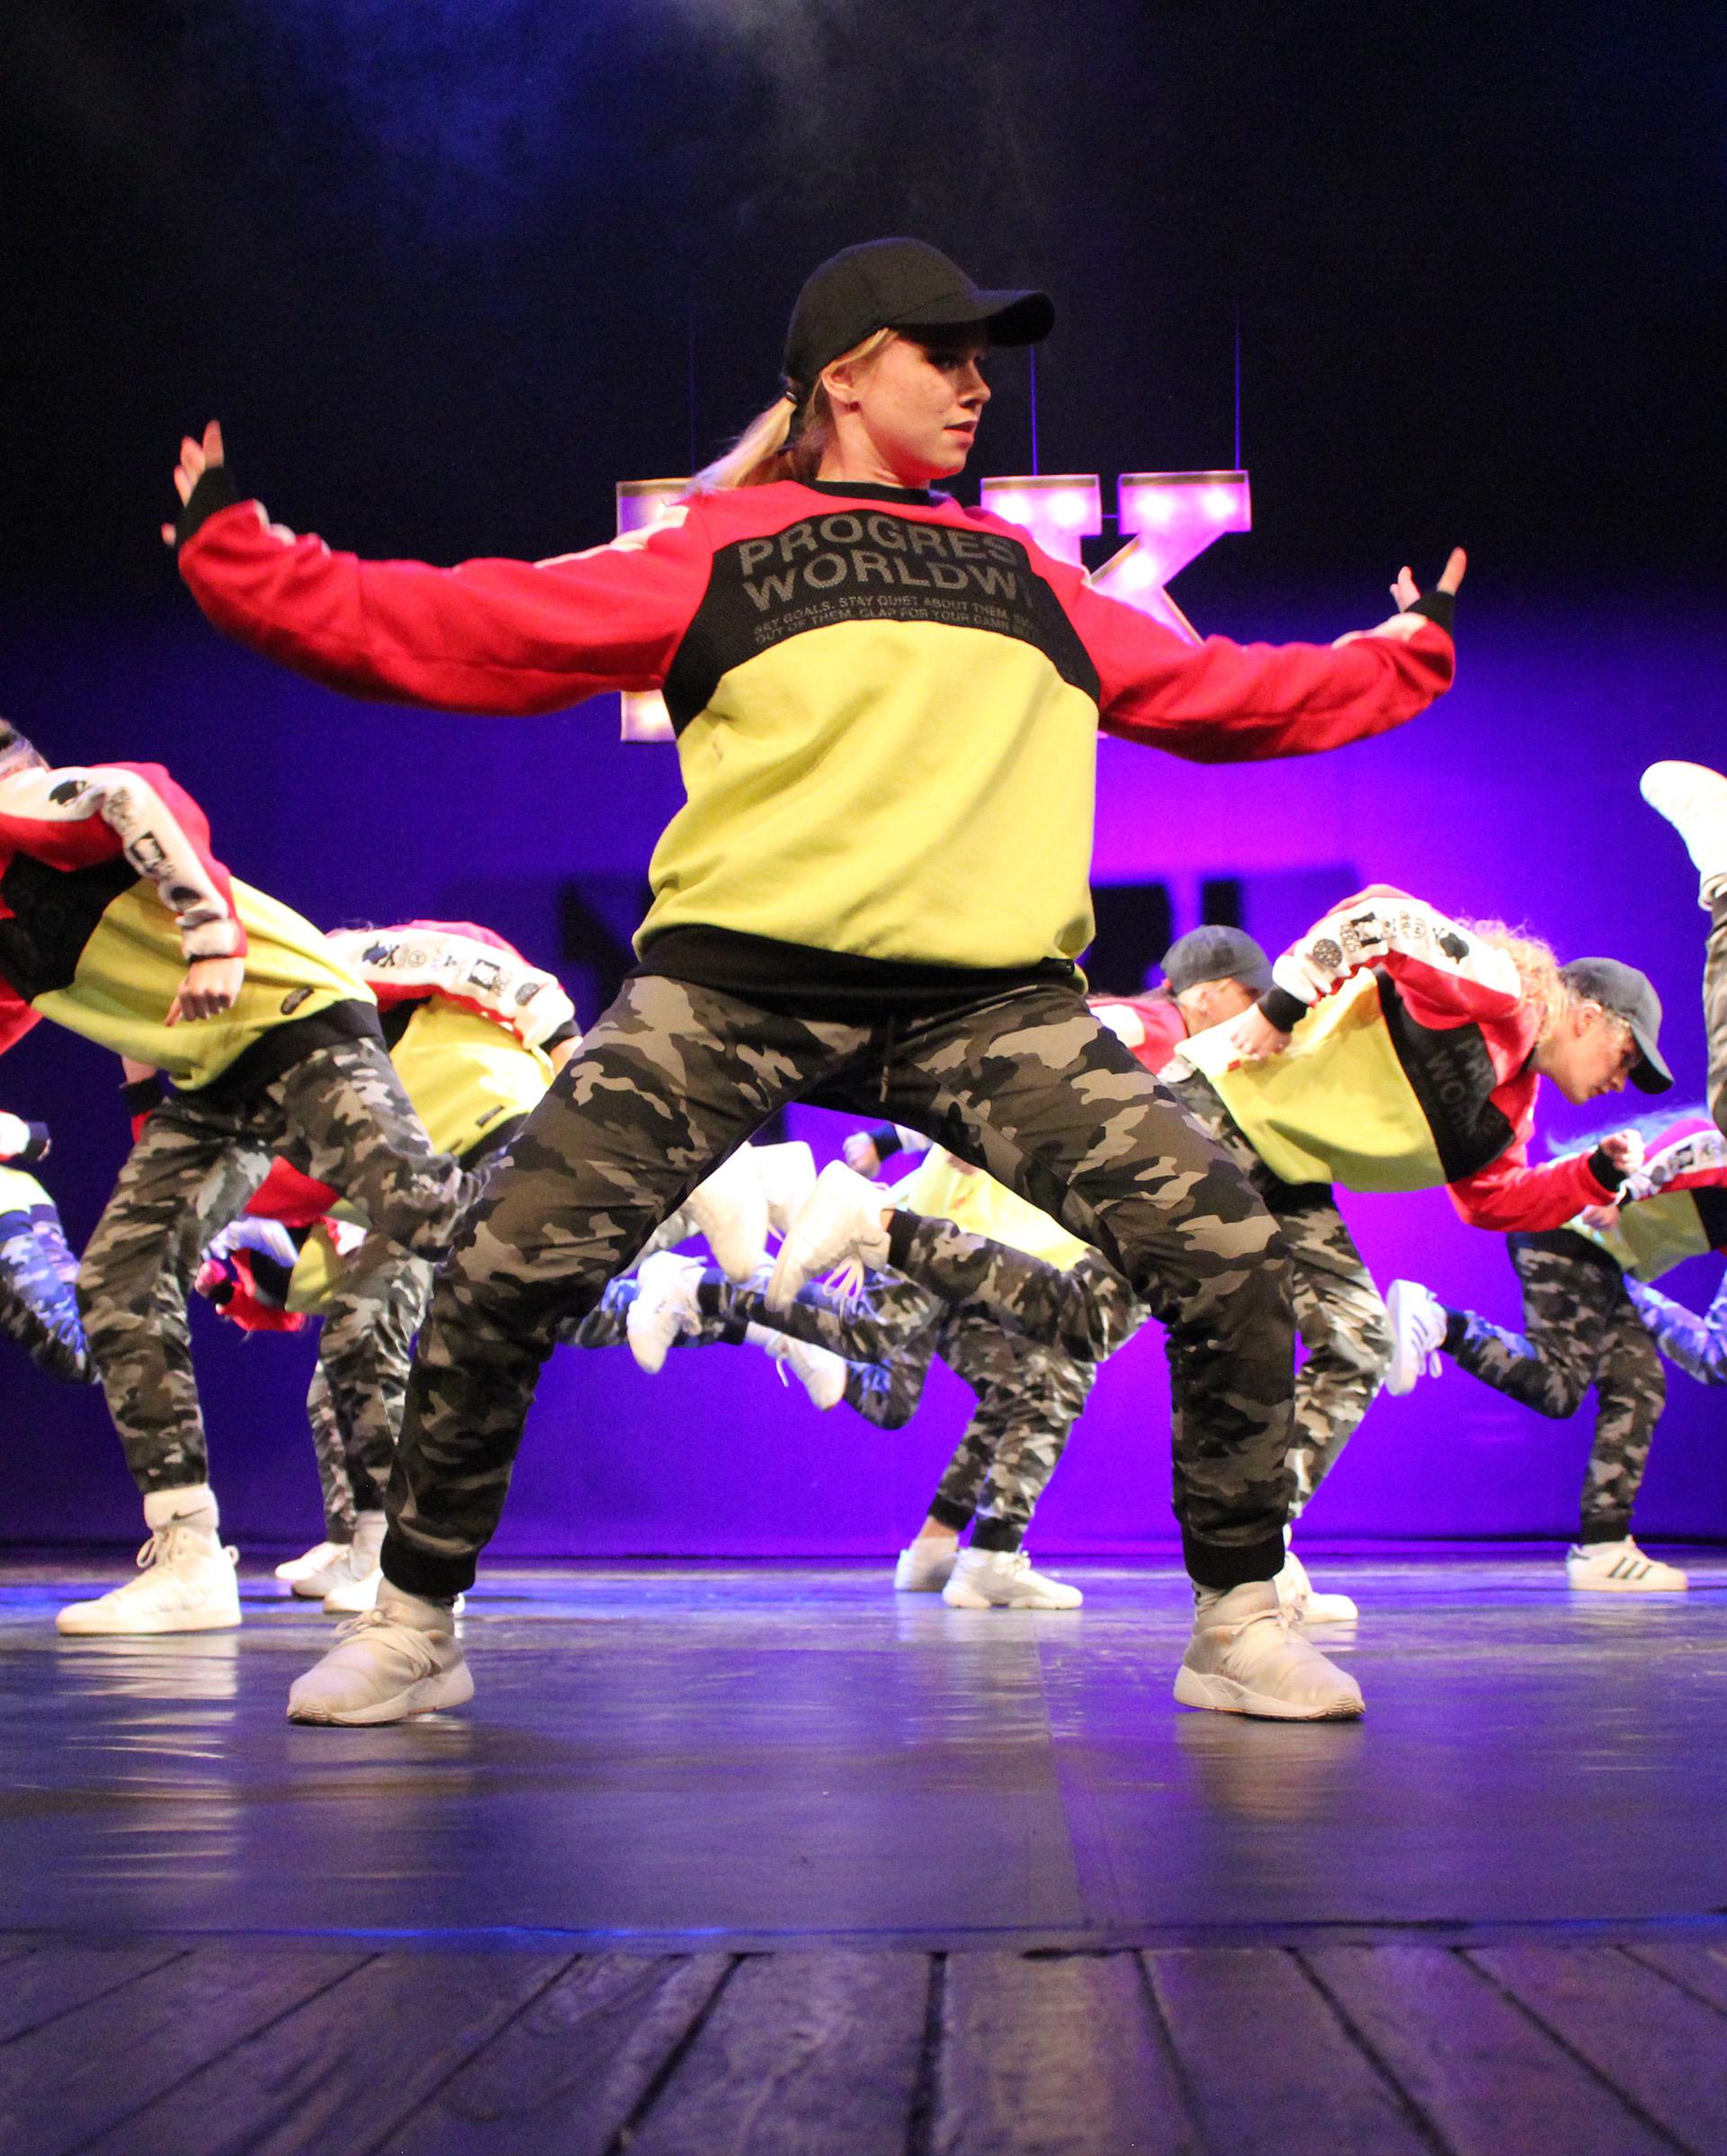 Gatvės šokiai paaugliams